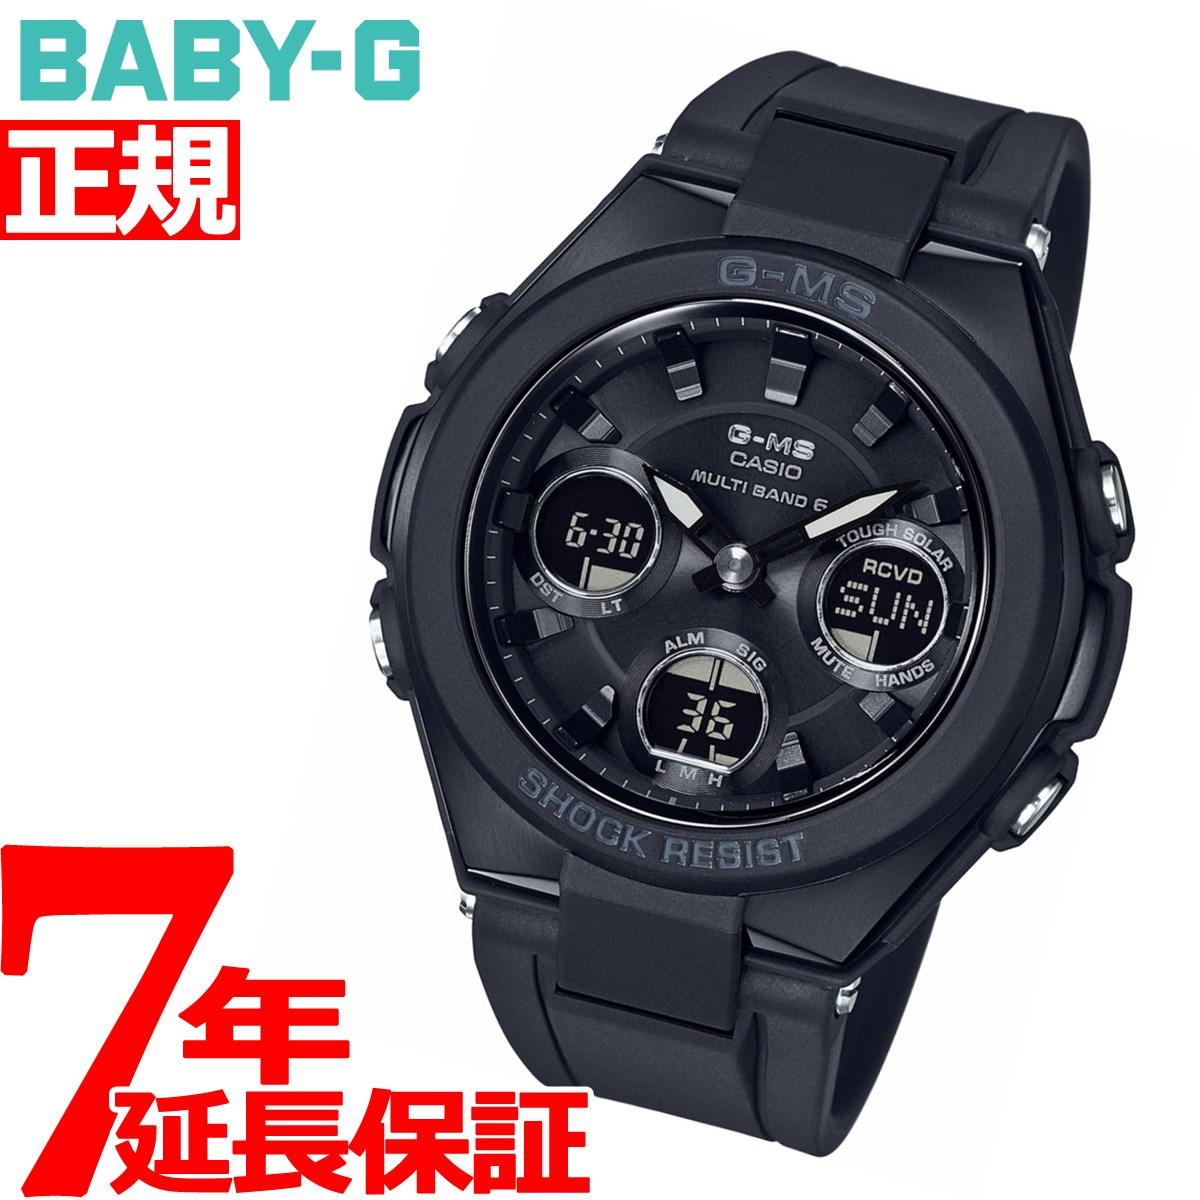 カシオ ベビーG CASIO BABY-G G-MS 電波 ソーラー 電波時計 腕時計 レディース タフソーラー MSG-W100G-1AJF【2017 新作】